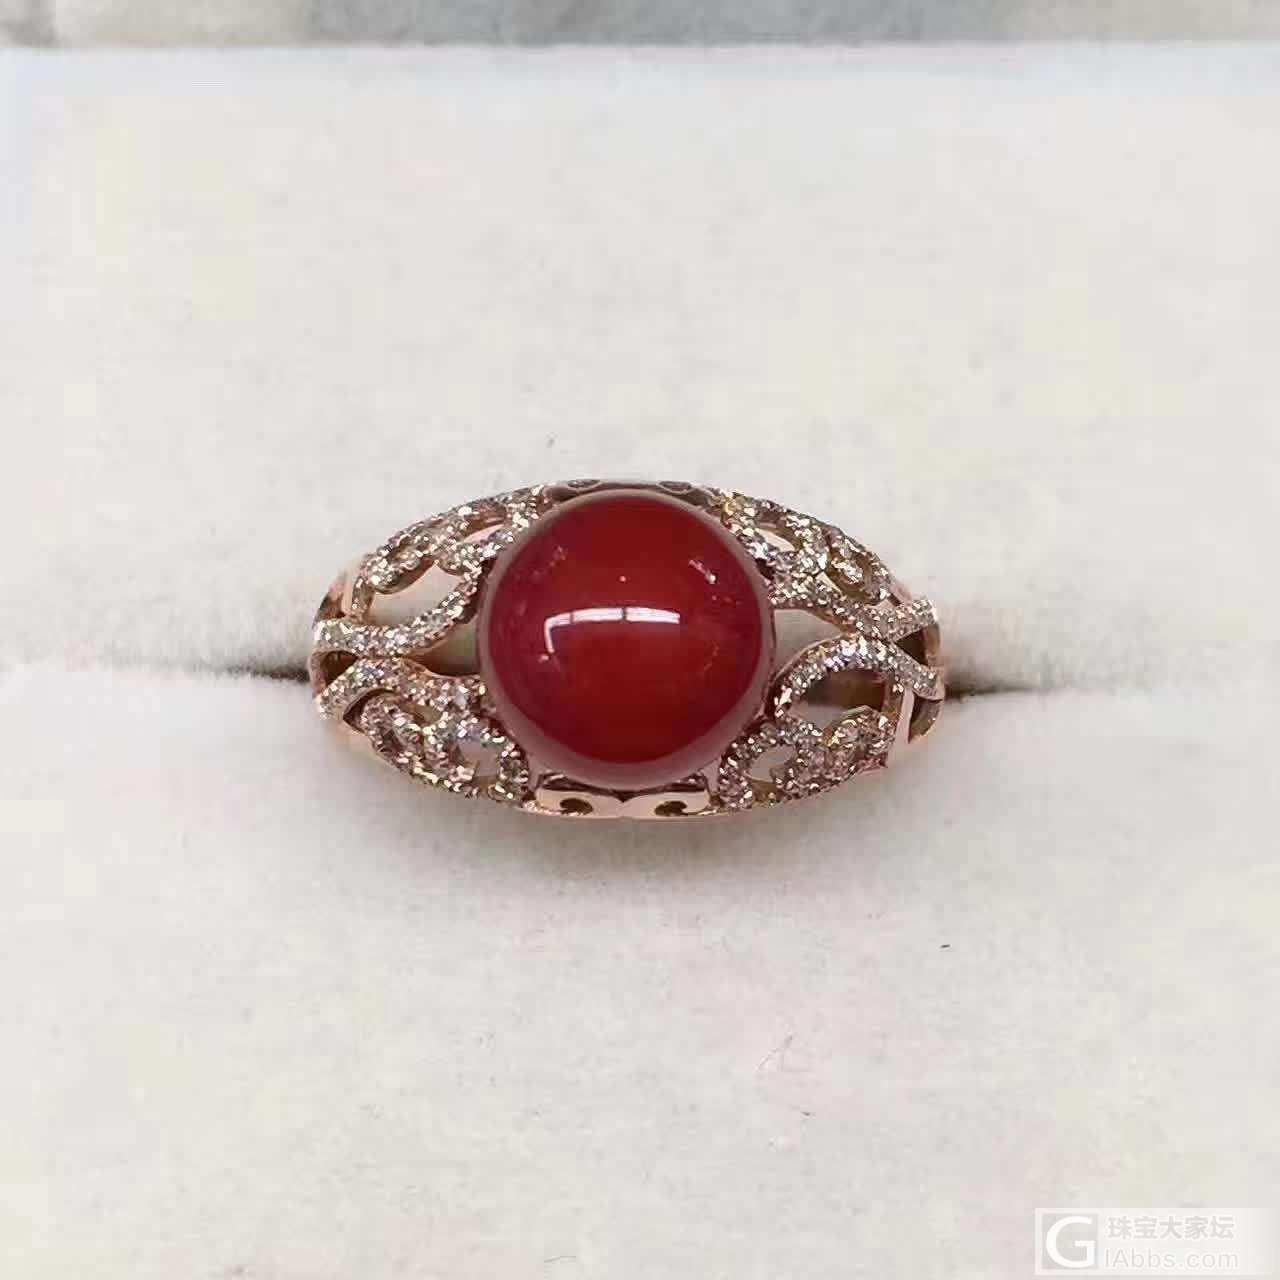 阿卡牛血红圆珠戒指18k玫瑰金镶嵌!圈口13号可改_珊瑚